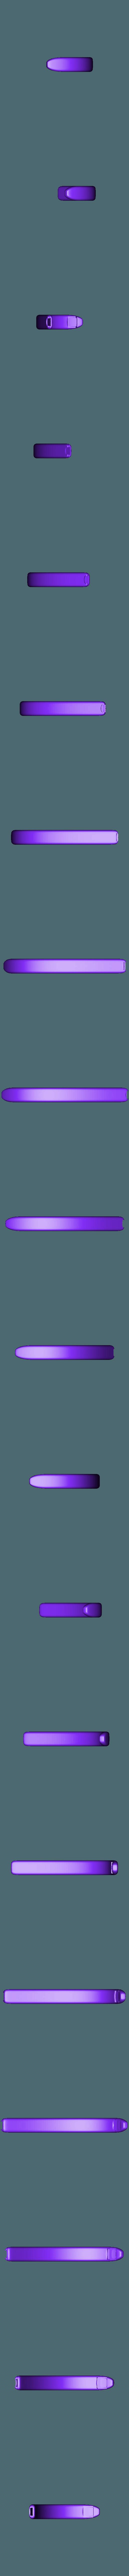 stone-lamp-lamp-06.stl Télécharger fichier STL gratuit Lampe de bureau sur mesure • Design à imprimer en 3D, shermluge